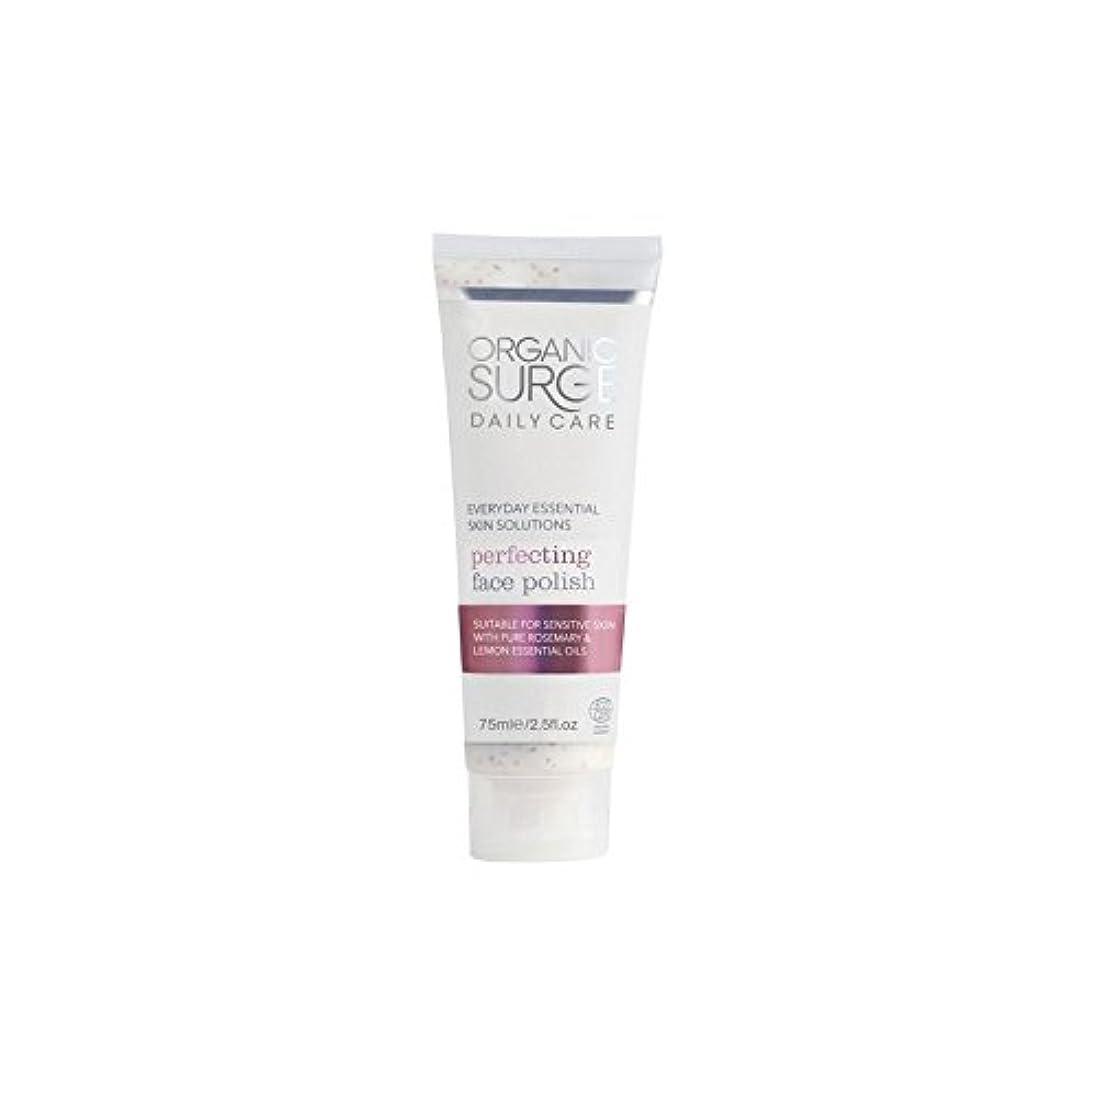 苦悩義務付けられたダム面研磨を完成有機サージ毎日のケア(75ミリリットル) x4 - Organic Surge Daily Care Perfecting Face Polish (75ml) (Pack of 4) [並行輸入品]